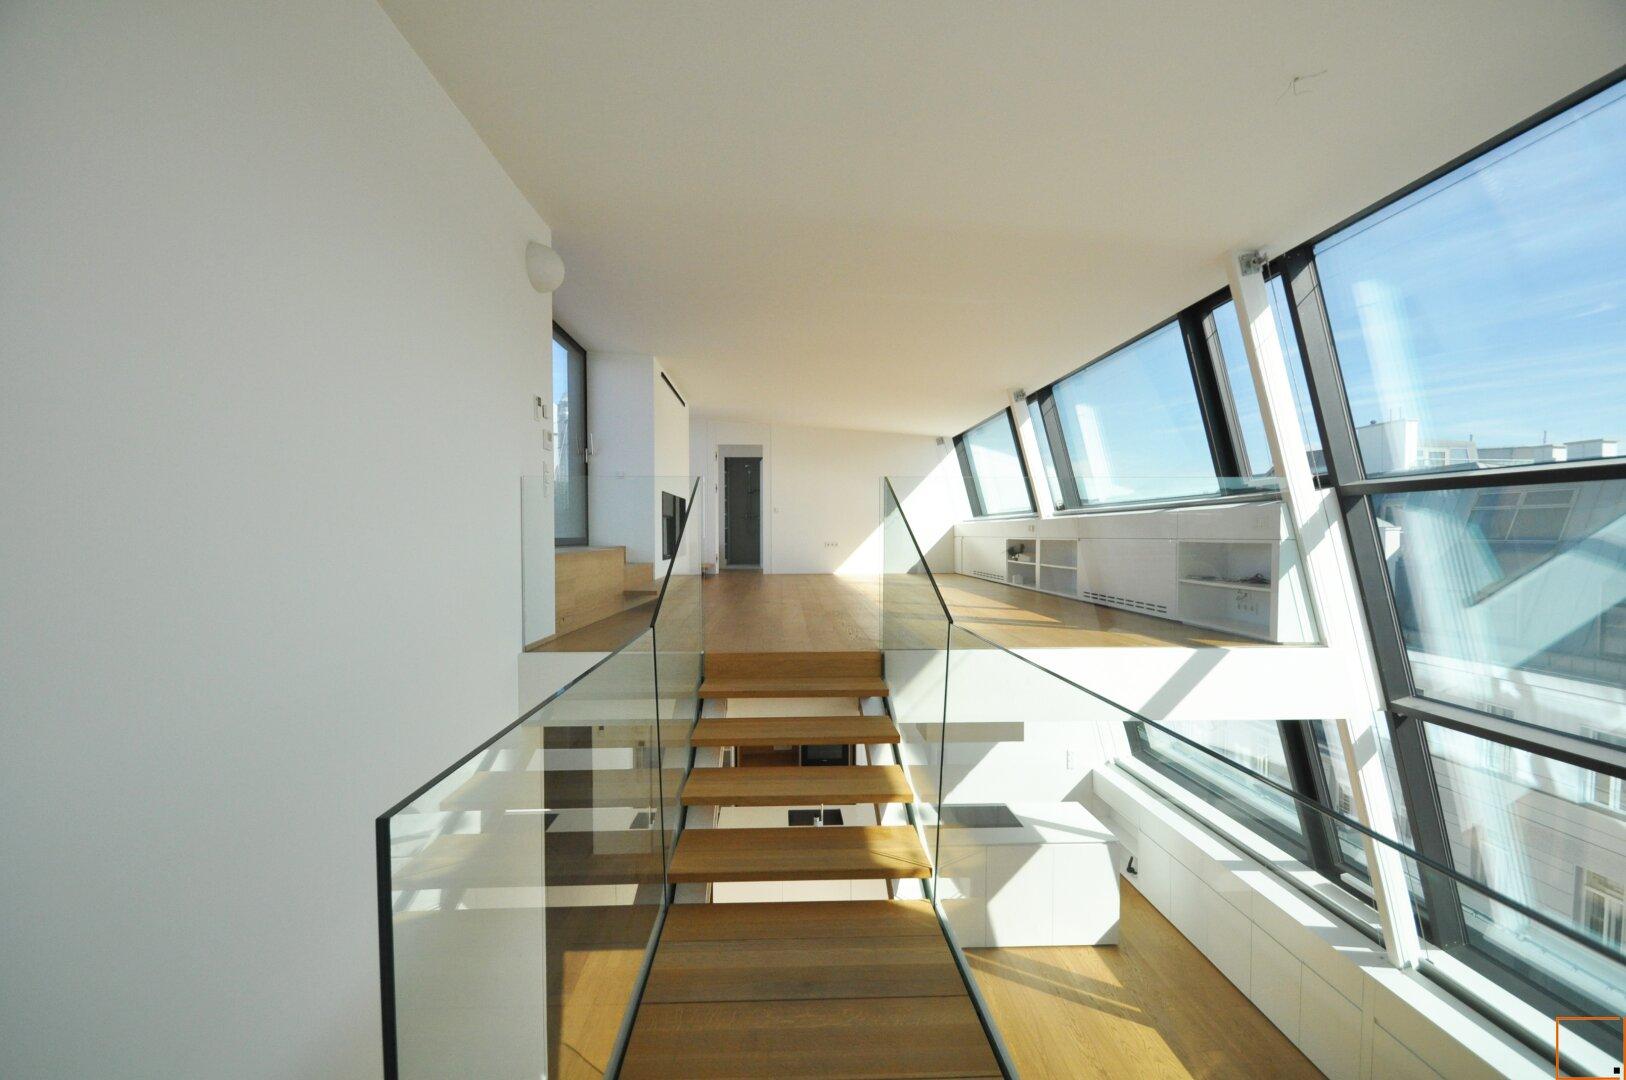 offene Treppe ins Obergeschoß